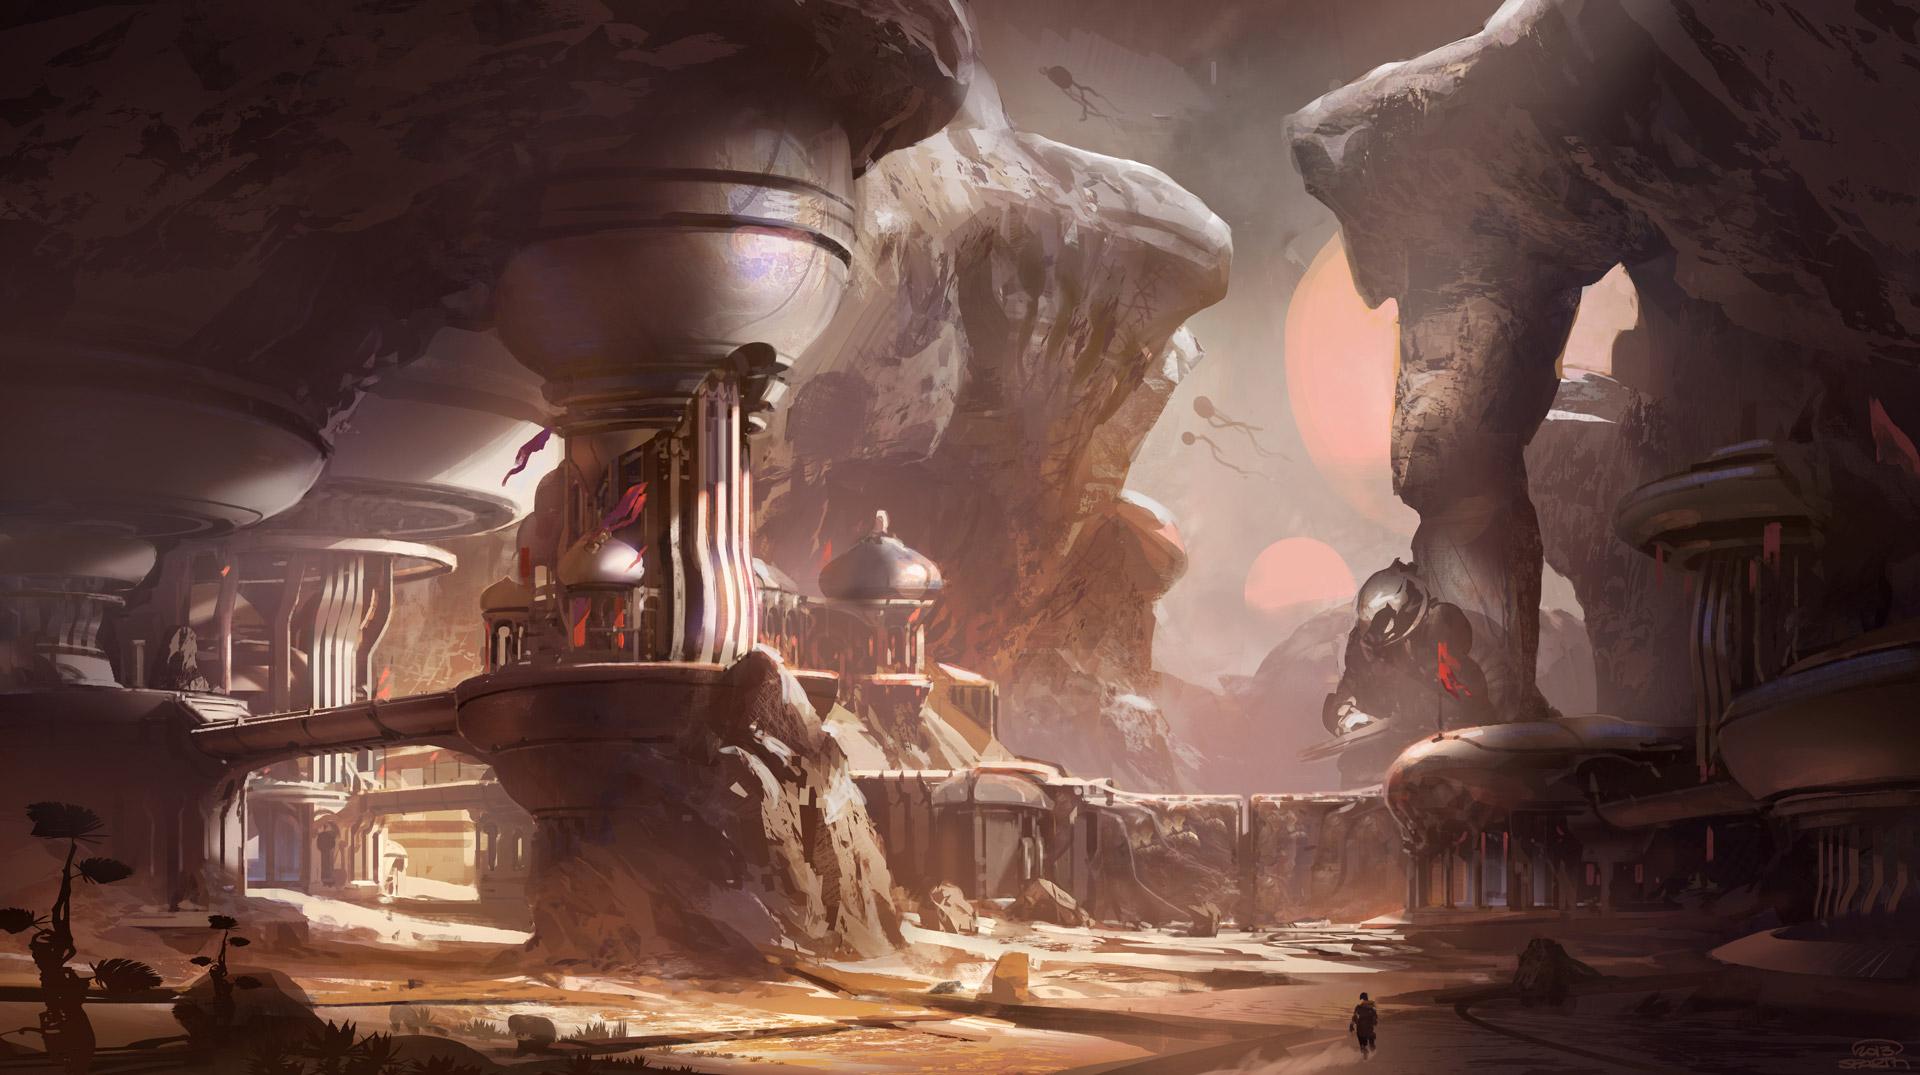 Halo-5-guardians-concept-art.jpg